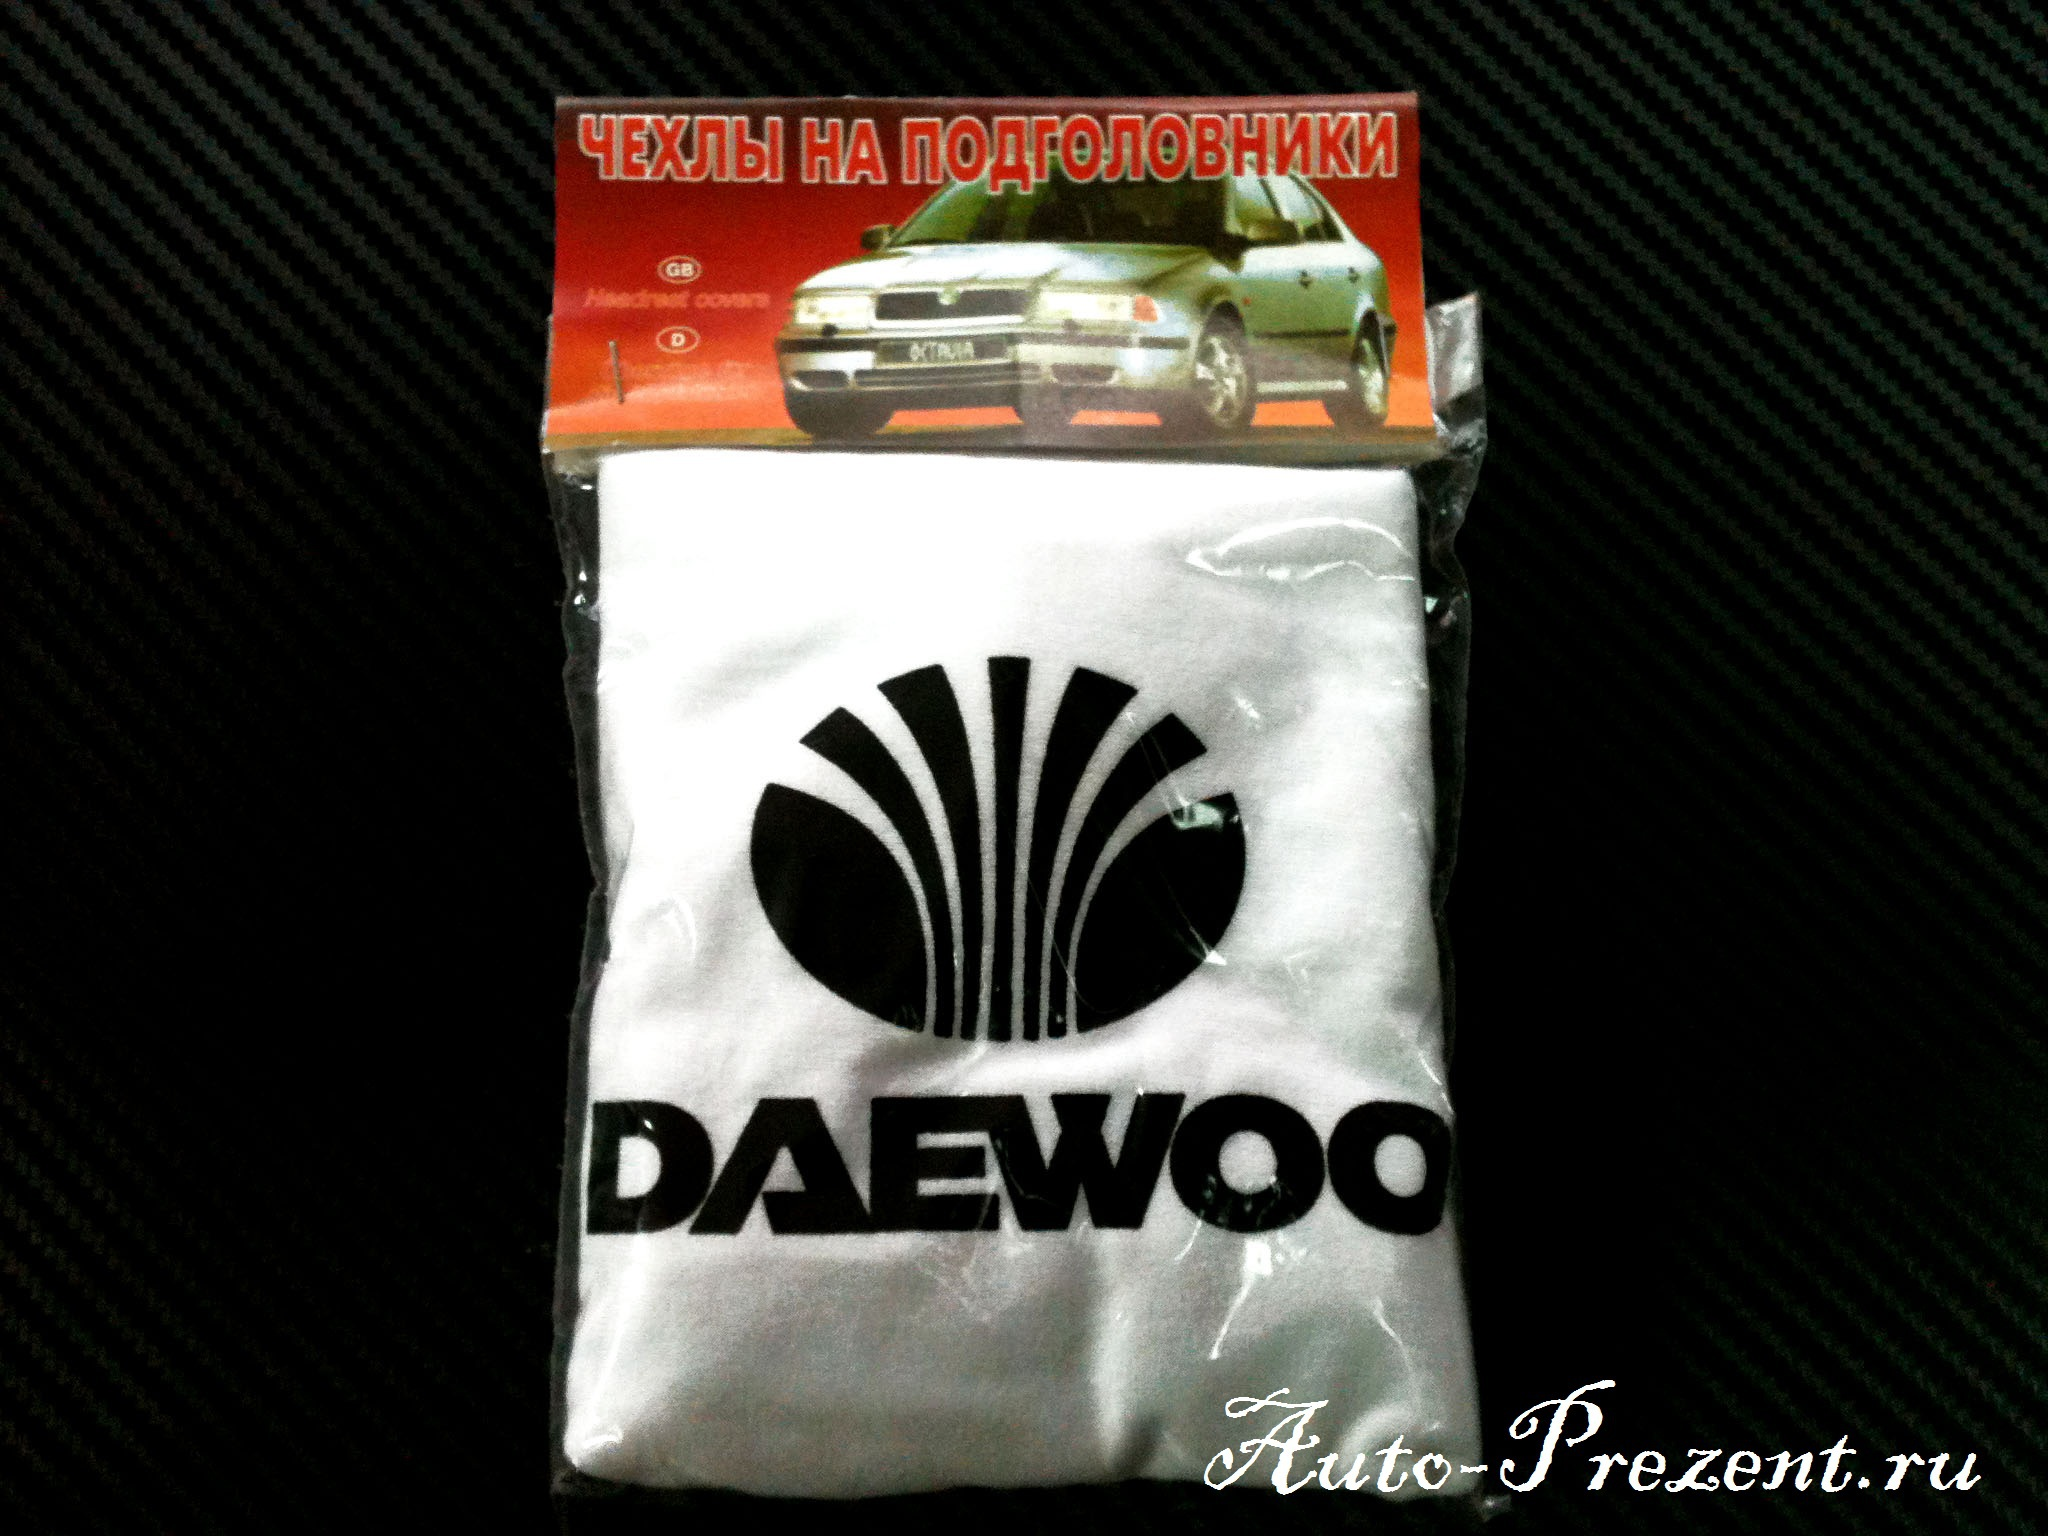 Чехлы на подголовники с логотипом Daewoo